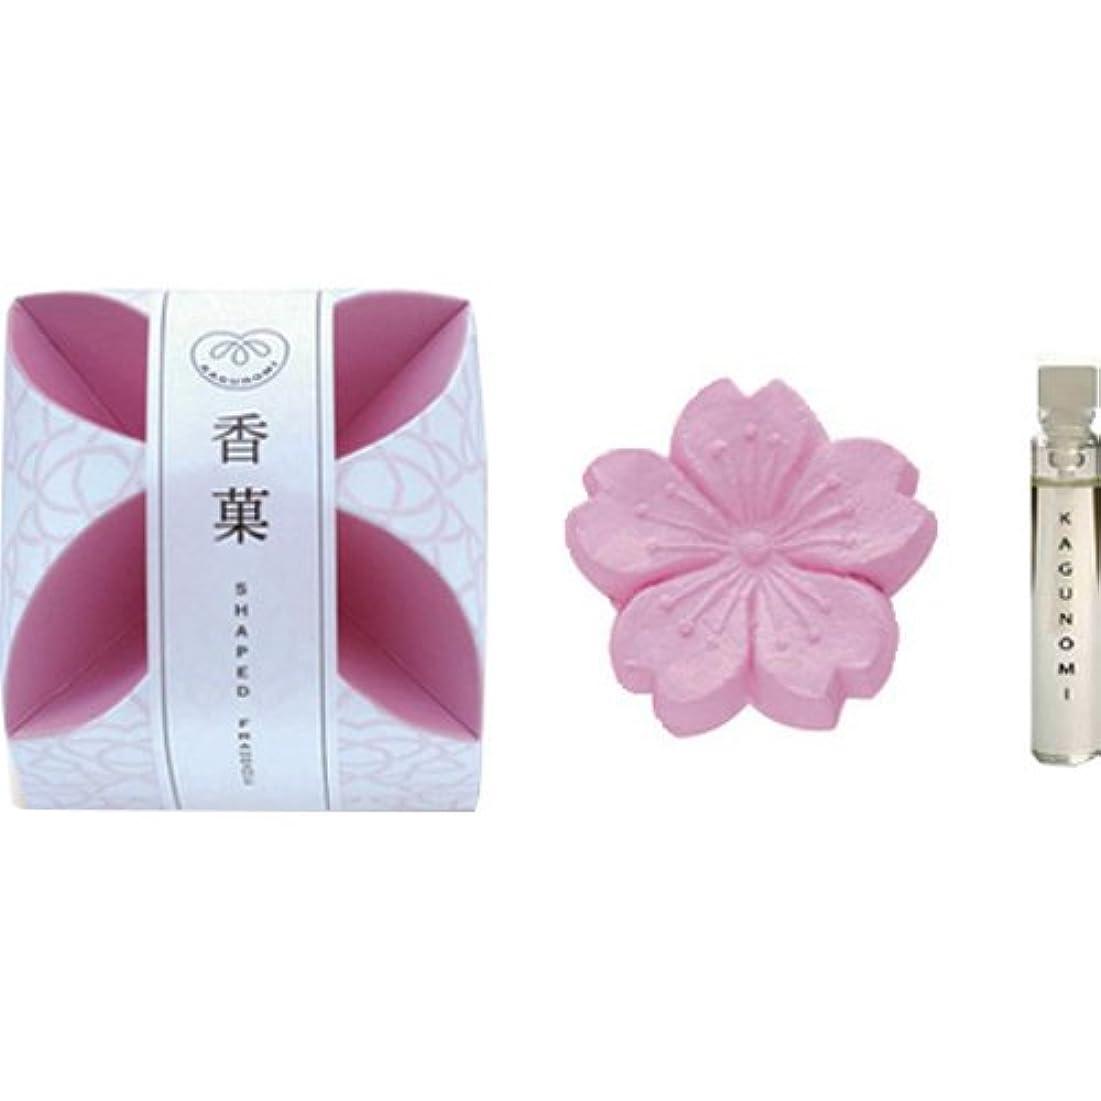 アレンジ田舎者半円香菓 さくら形(桜色) 1入 オイル1.8mm付